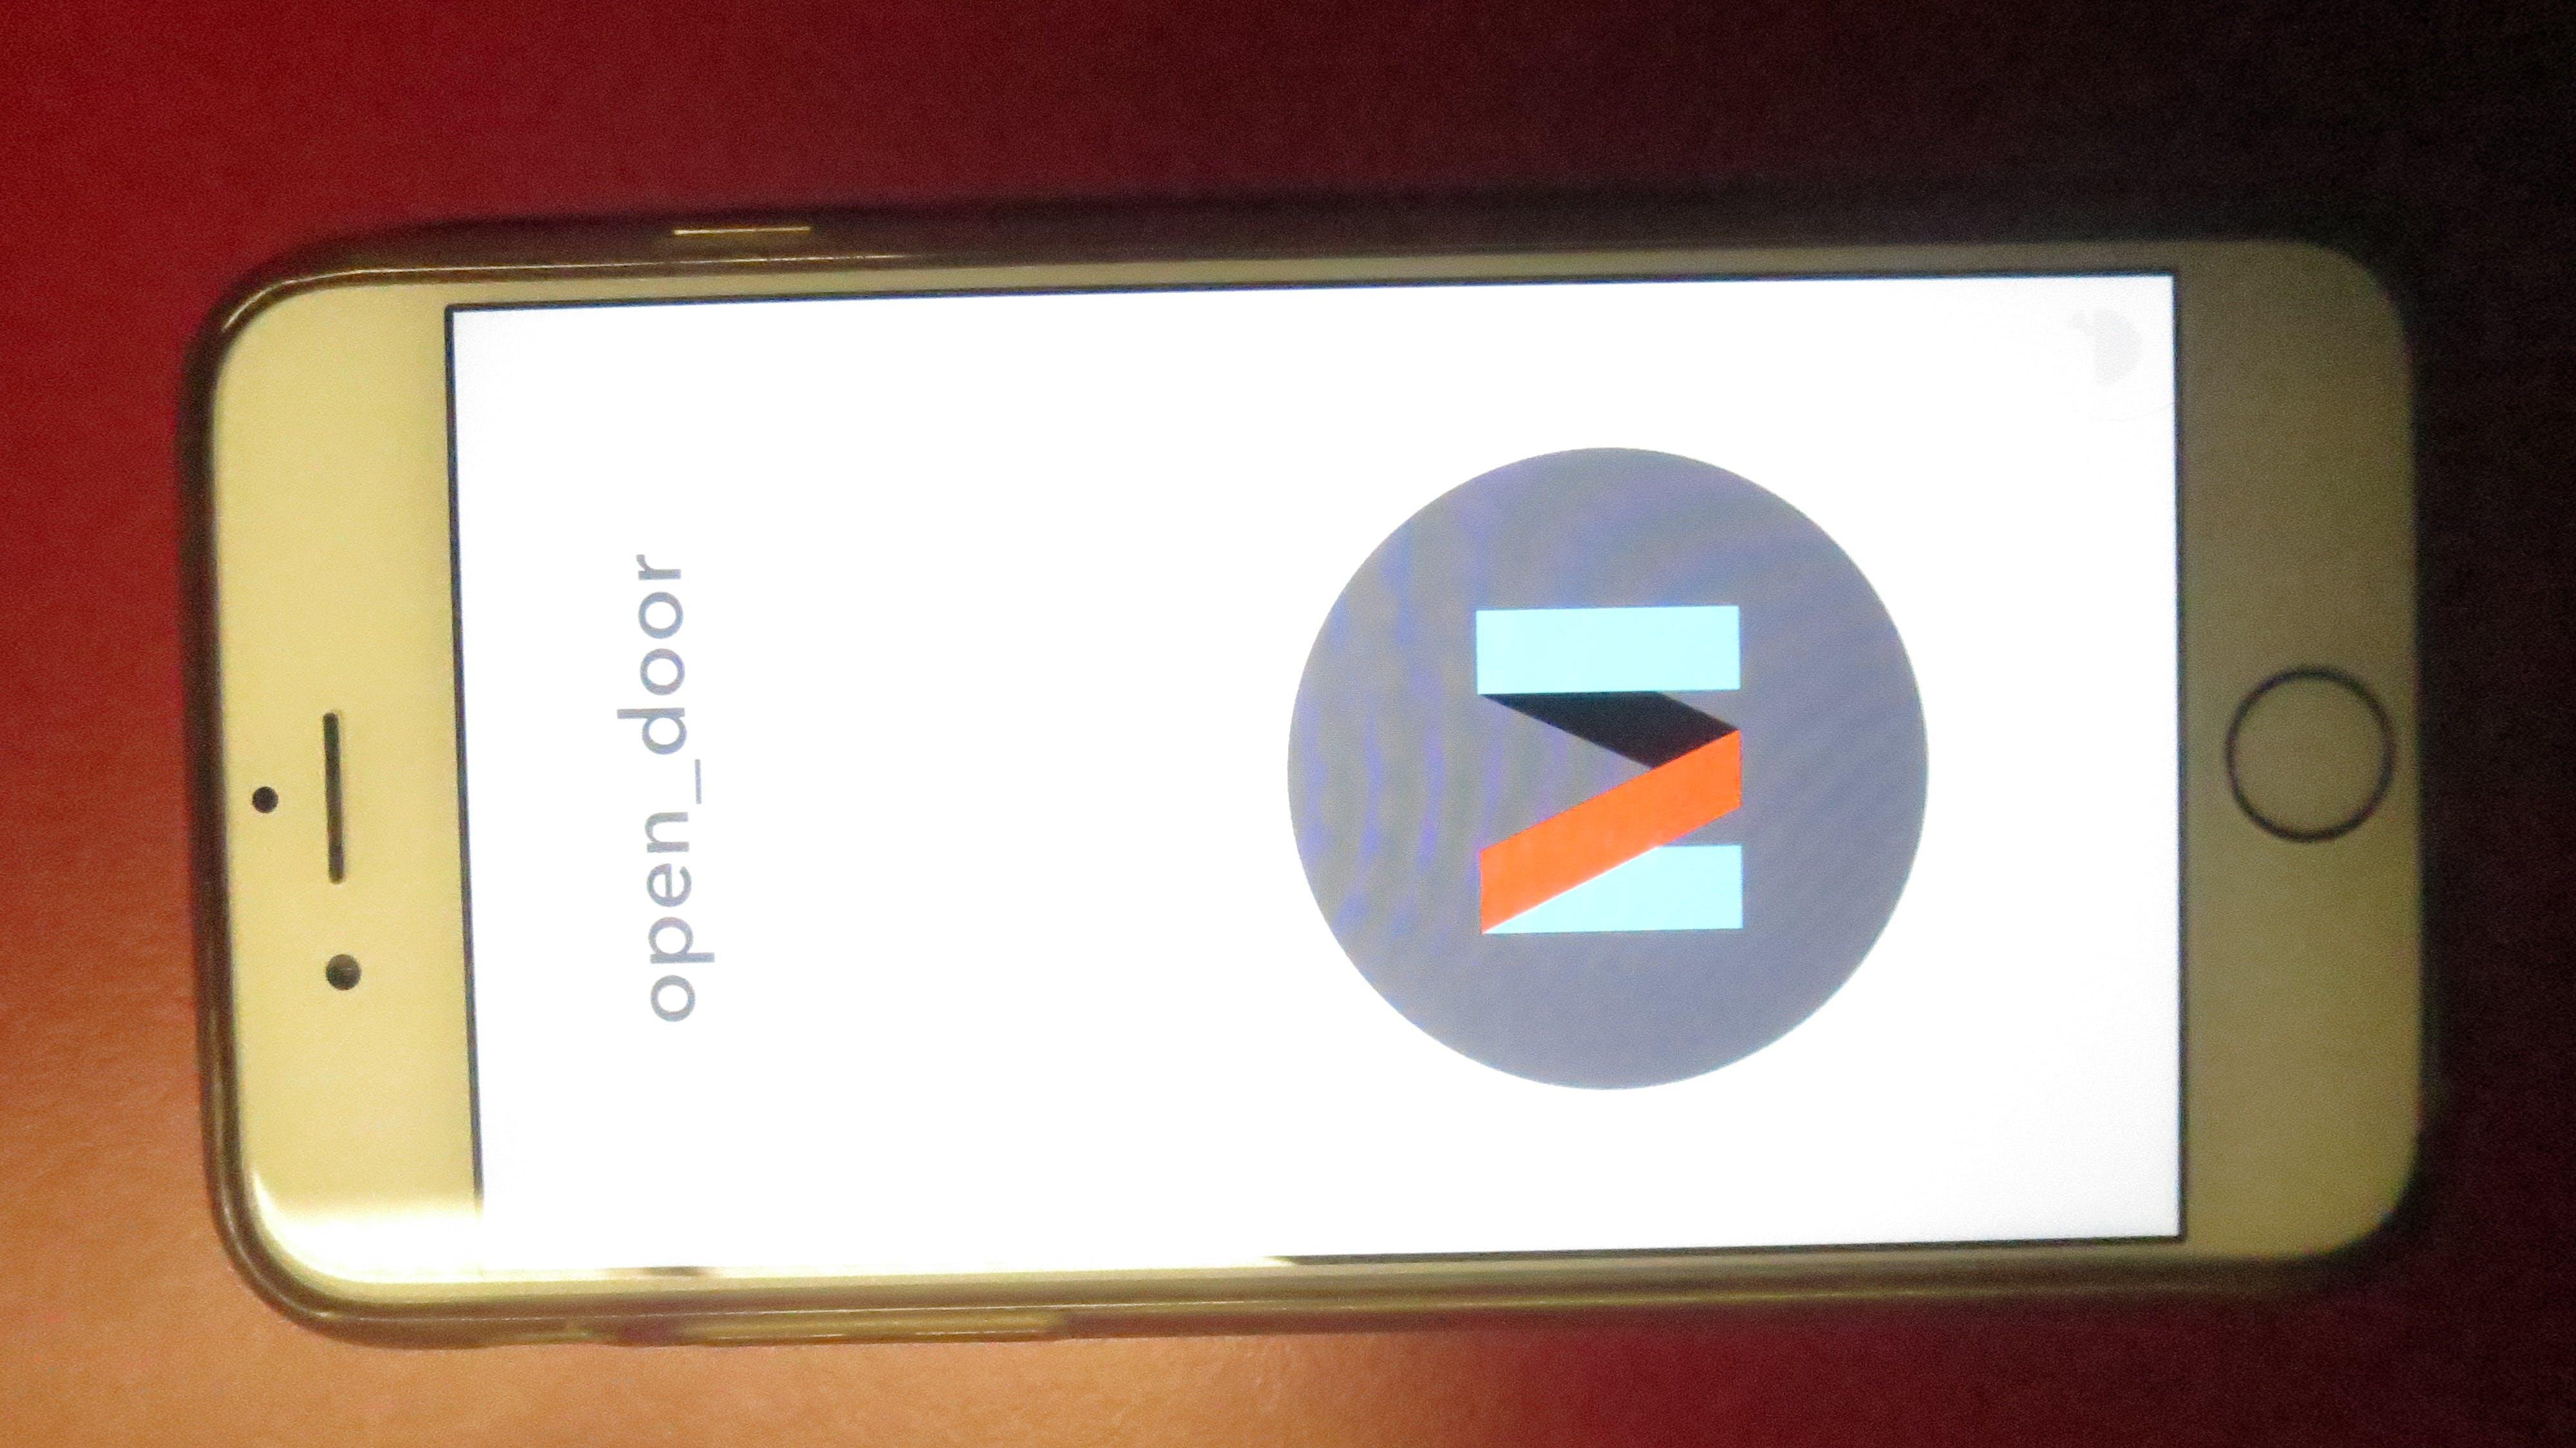 IFTTT Buzzer with IFTTT Do Button and Raspberry Pi